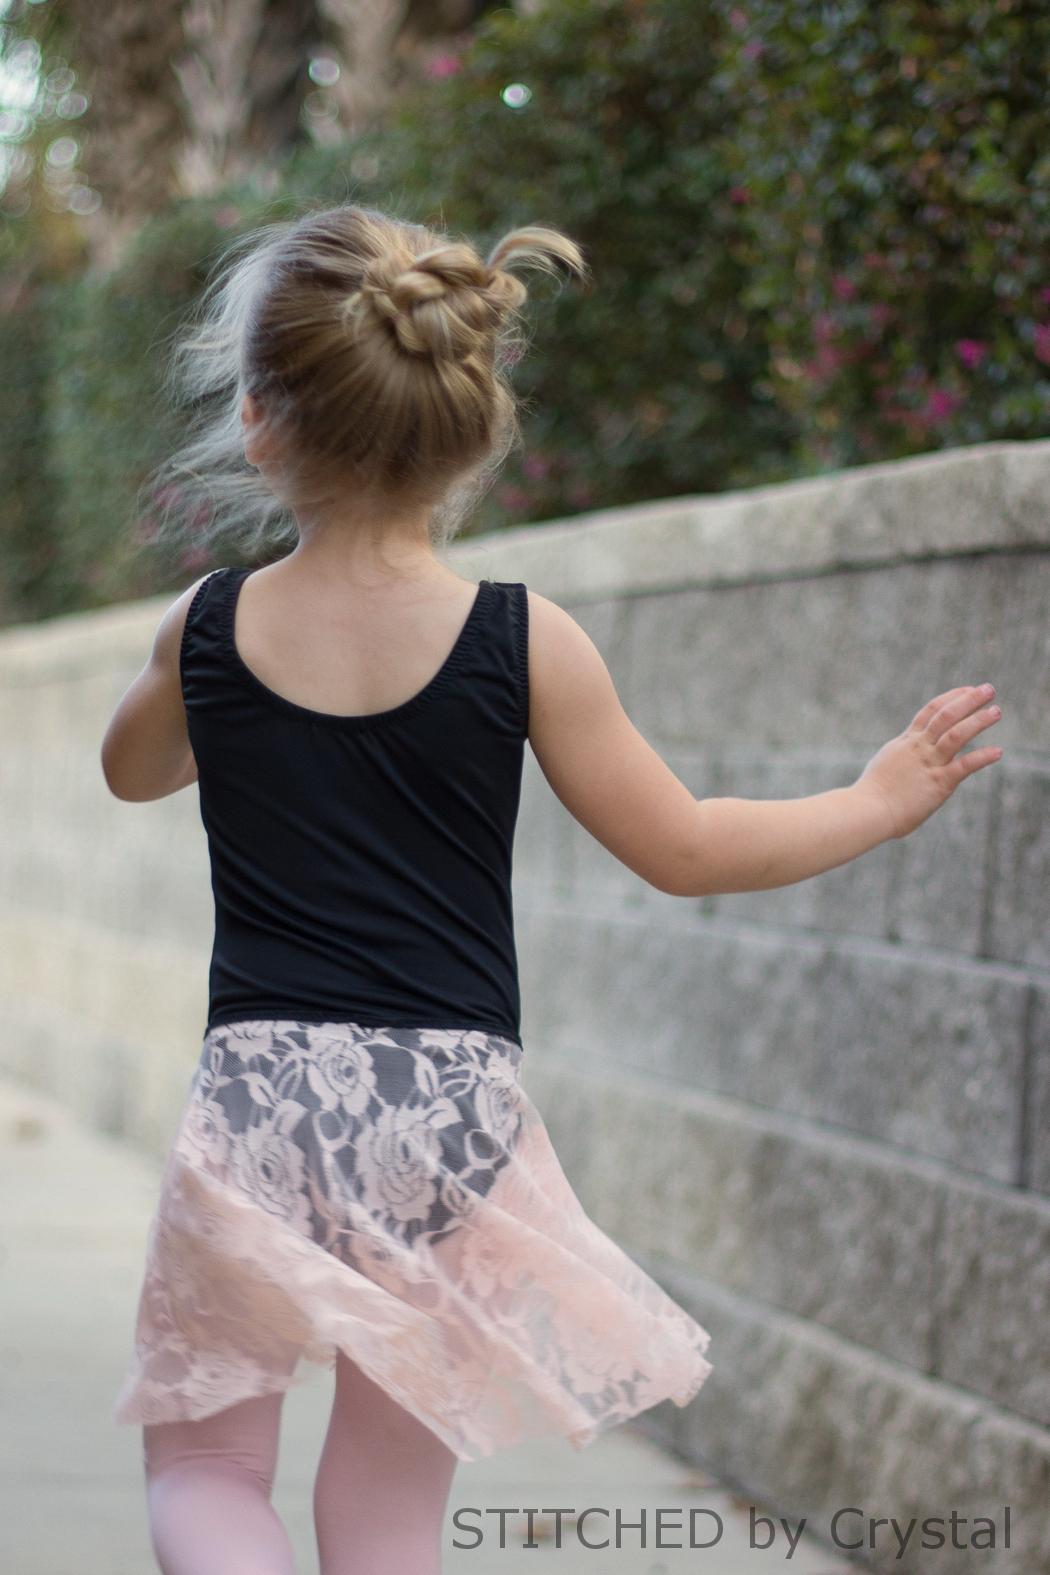 skirt-7.jpg